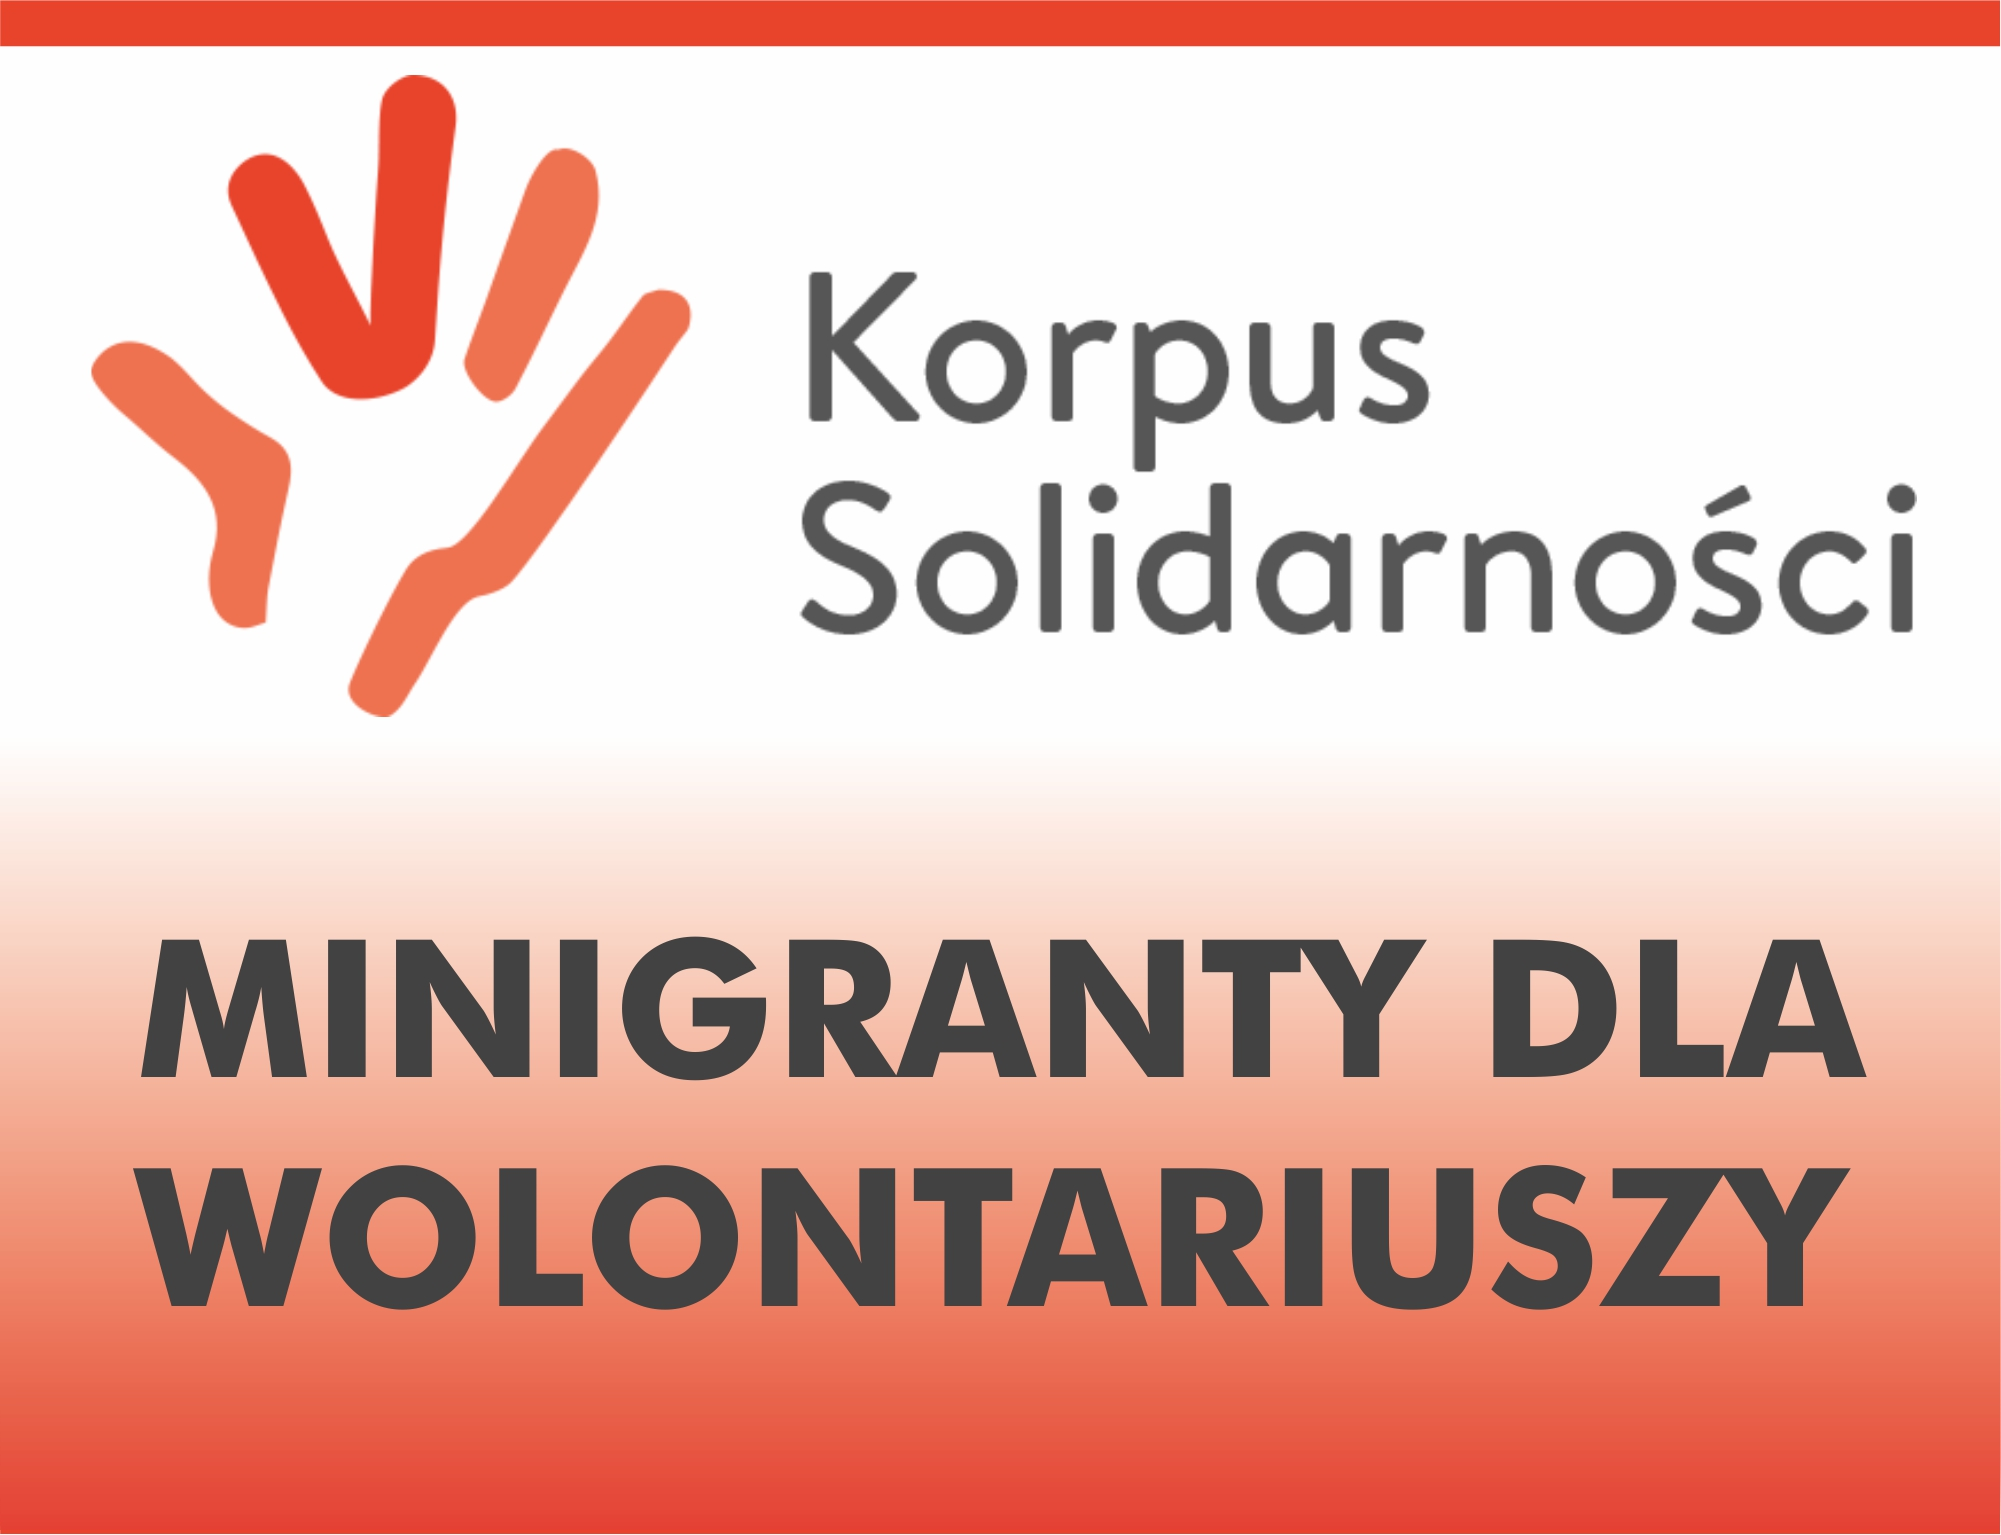 Minigranty dla wolontariuszy